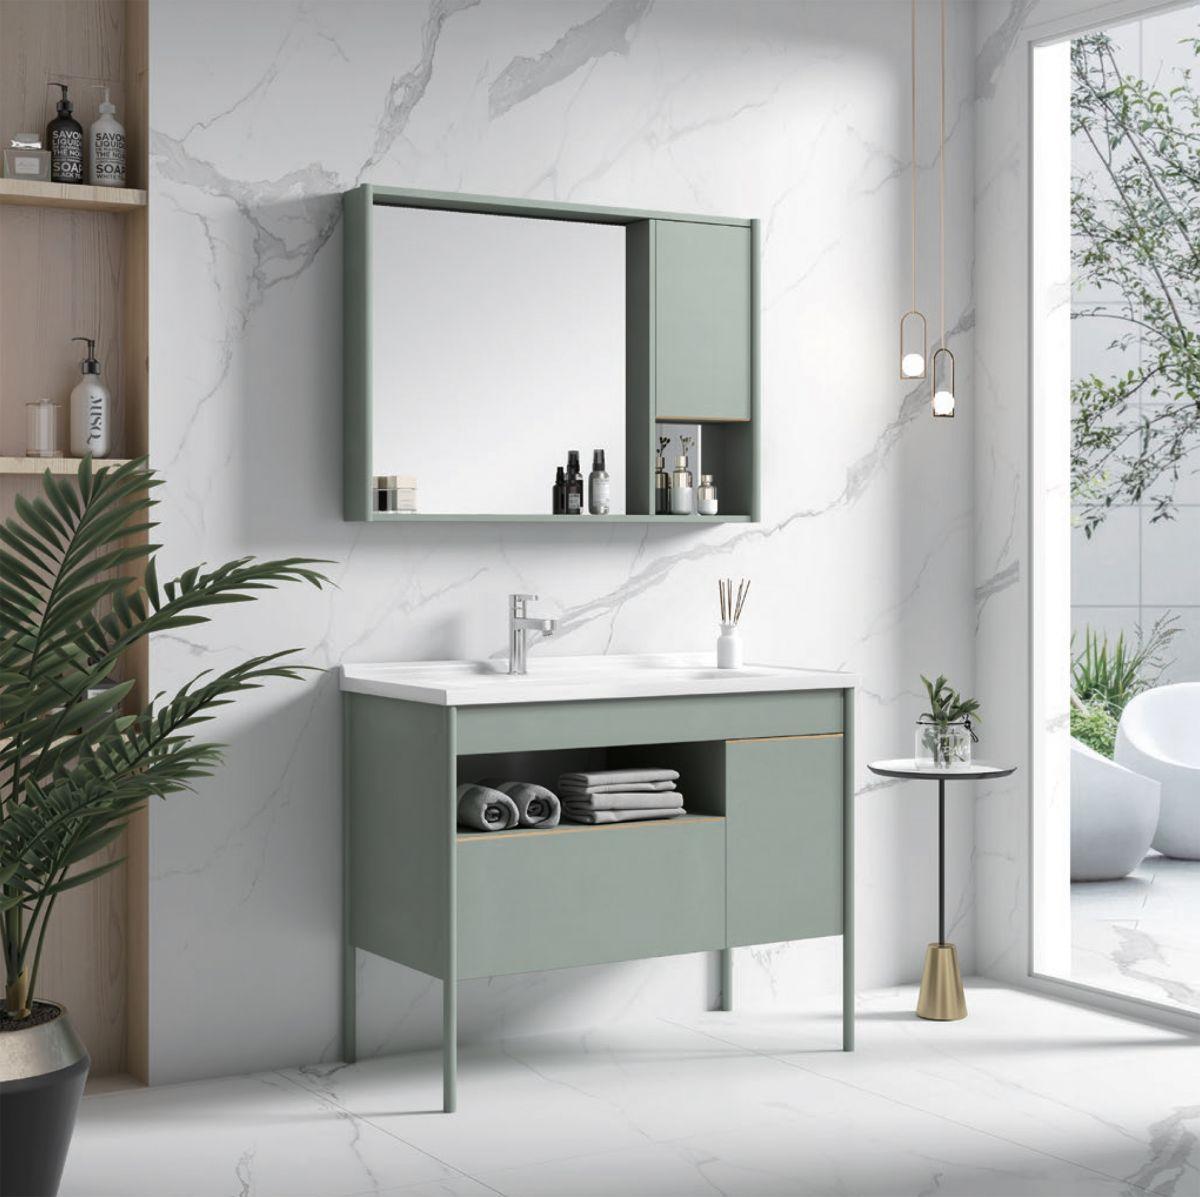 Mobile bagno riga Mobile bagno Riga a terra da 80 verde acqua con lavabo specchio e pensile